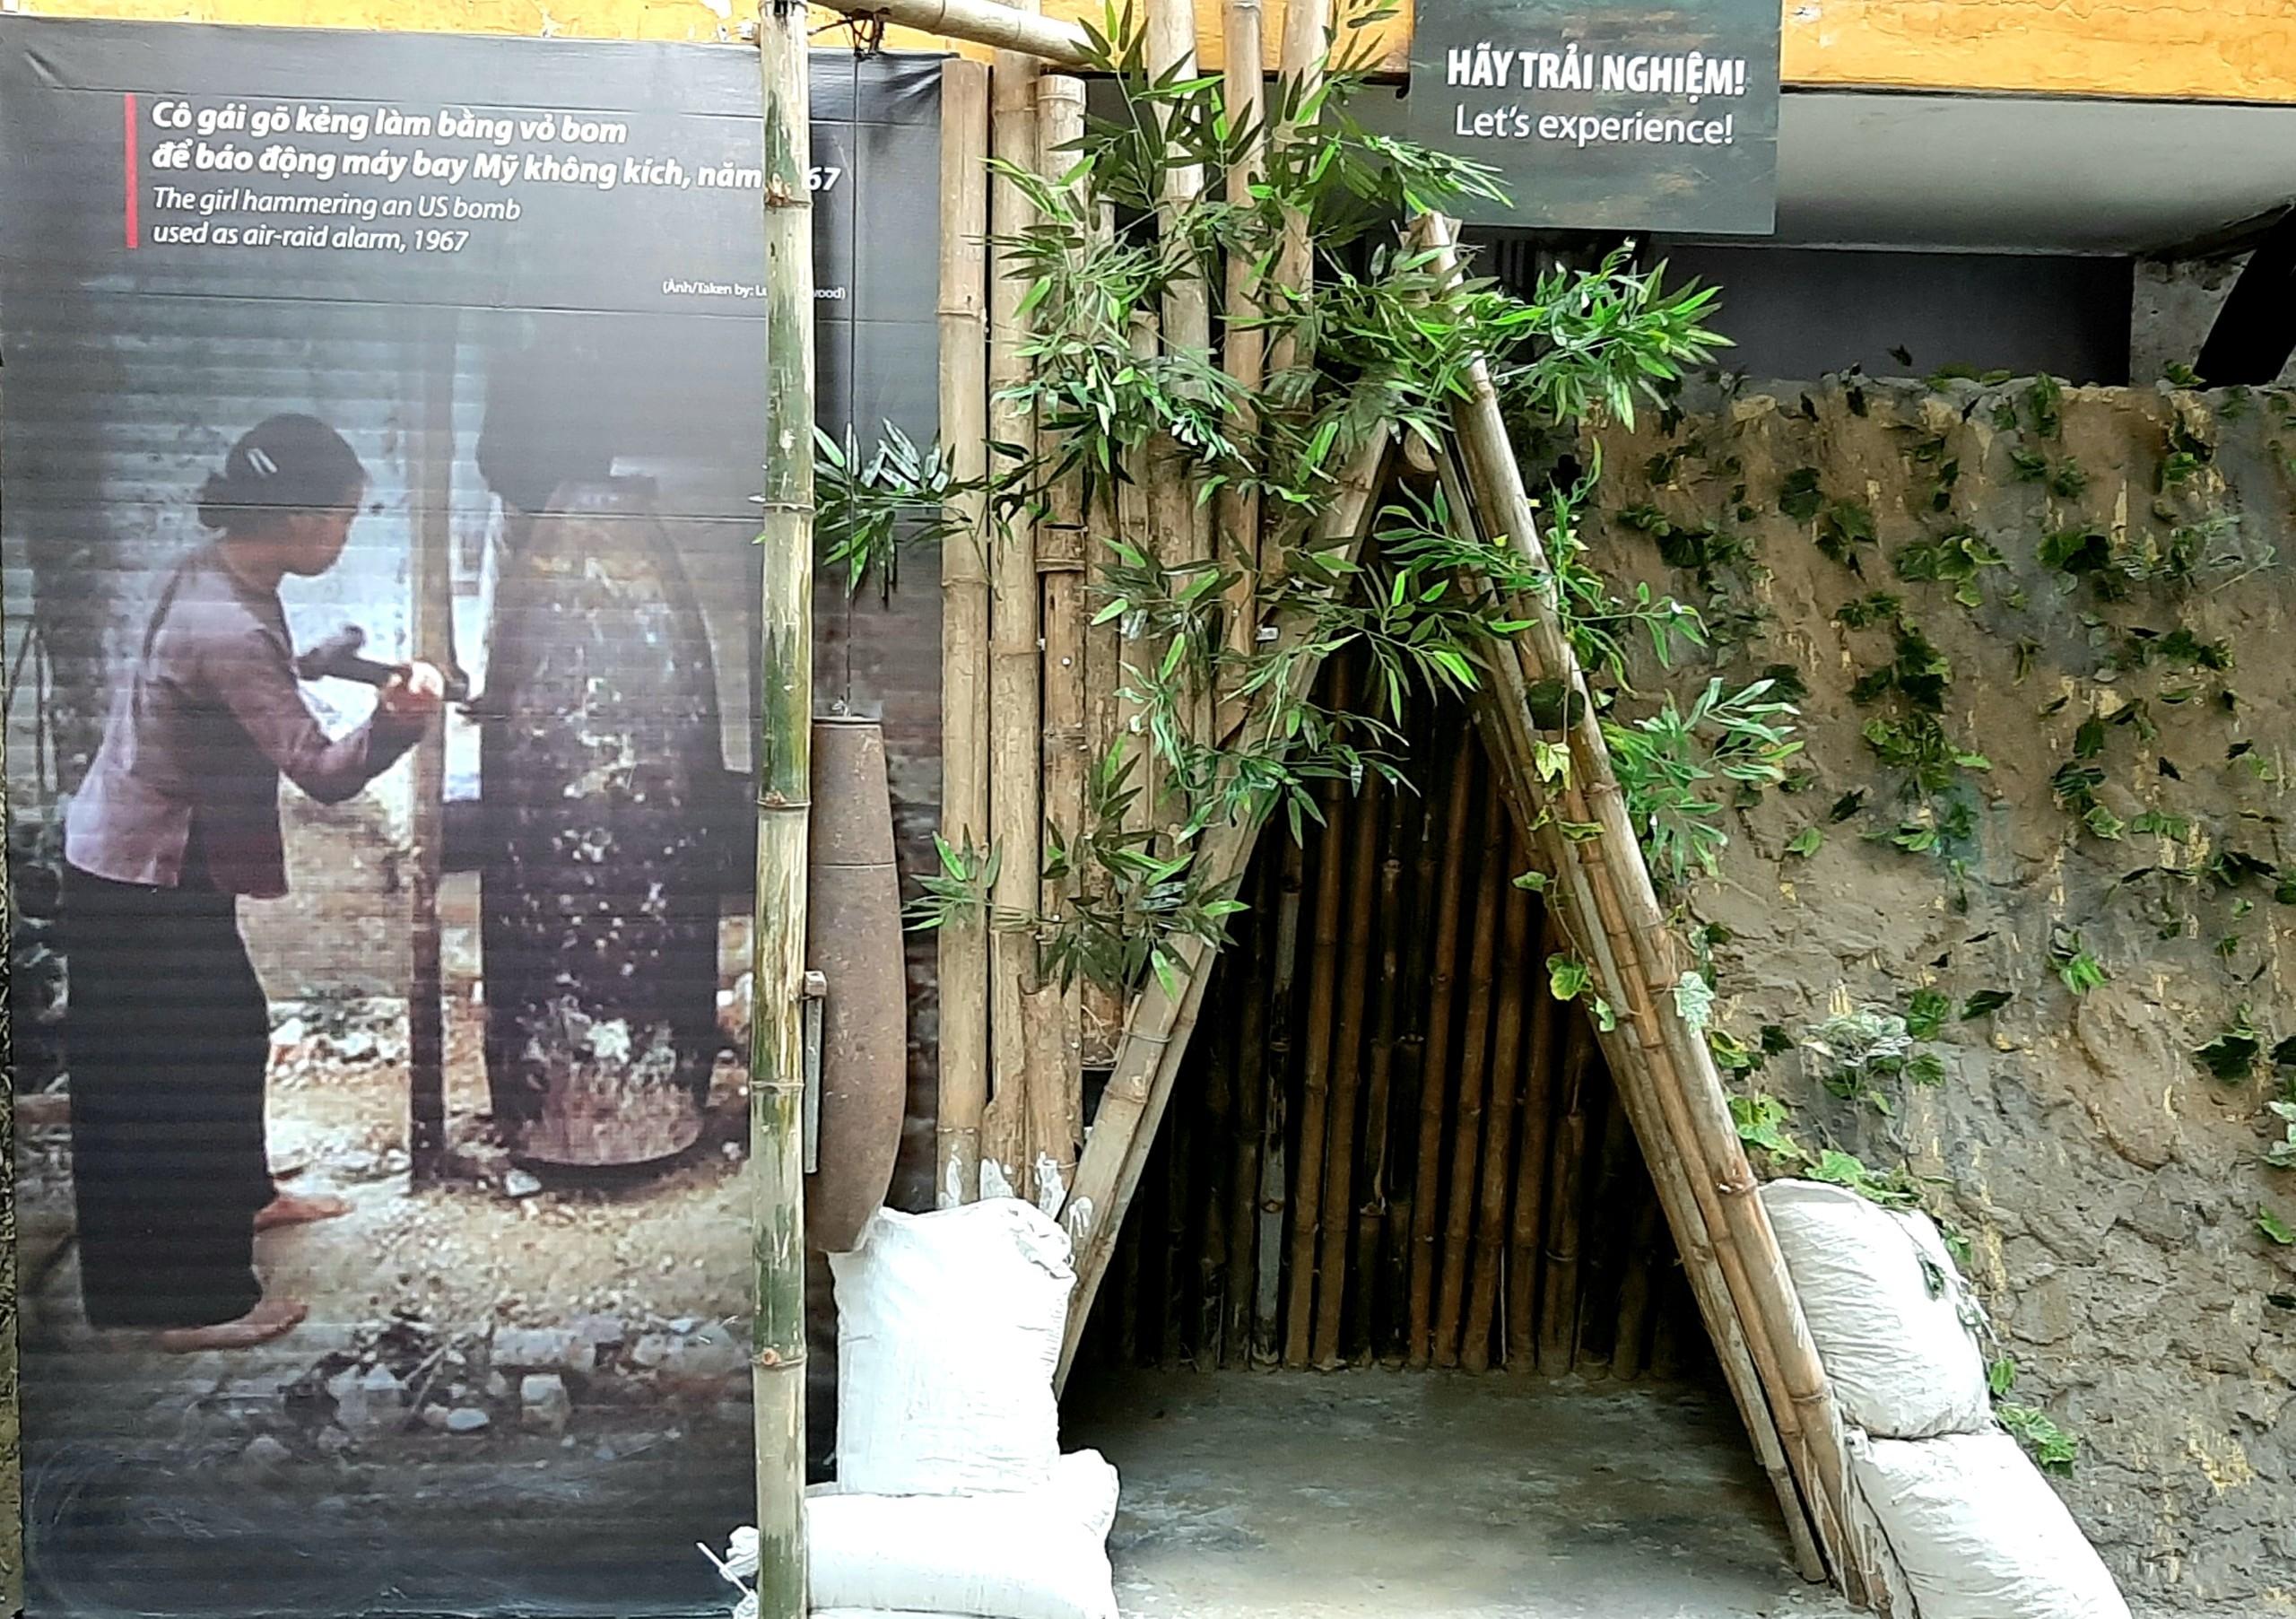 Trải nghiệm đội mũ rơm và ẩn nấp trong hầm chữ A tại di tích Nhà tù Hỏa Lò